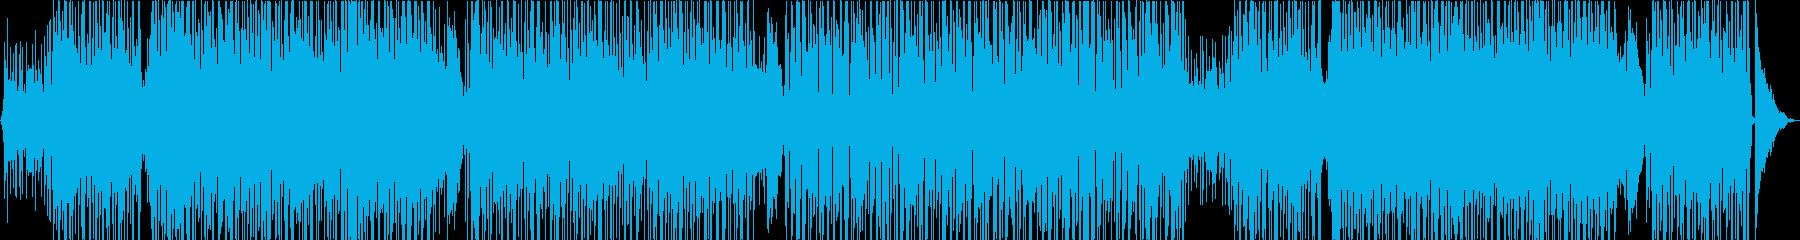 南国系スチール・ドラムのボサノバ の再生済みの波形